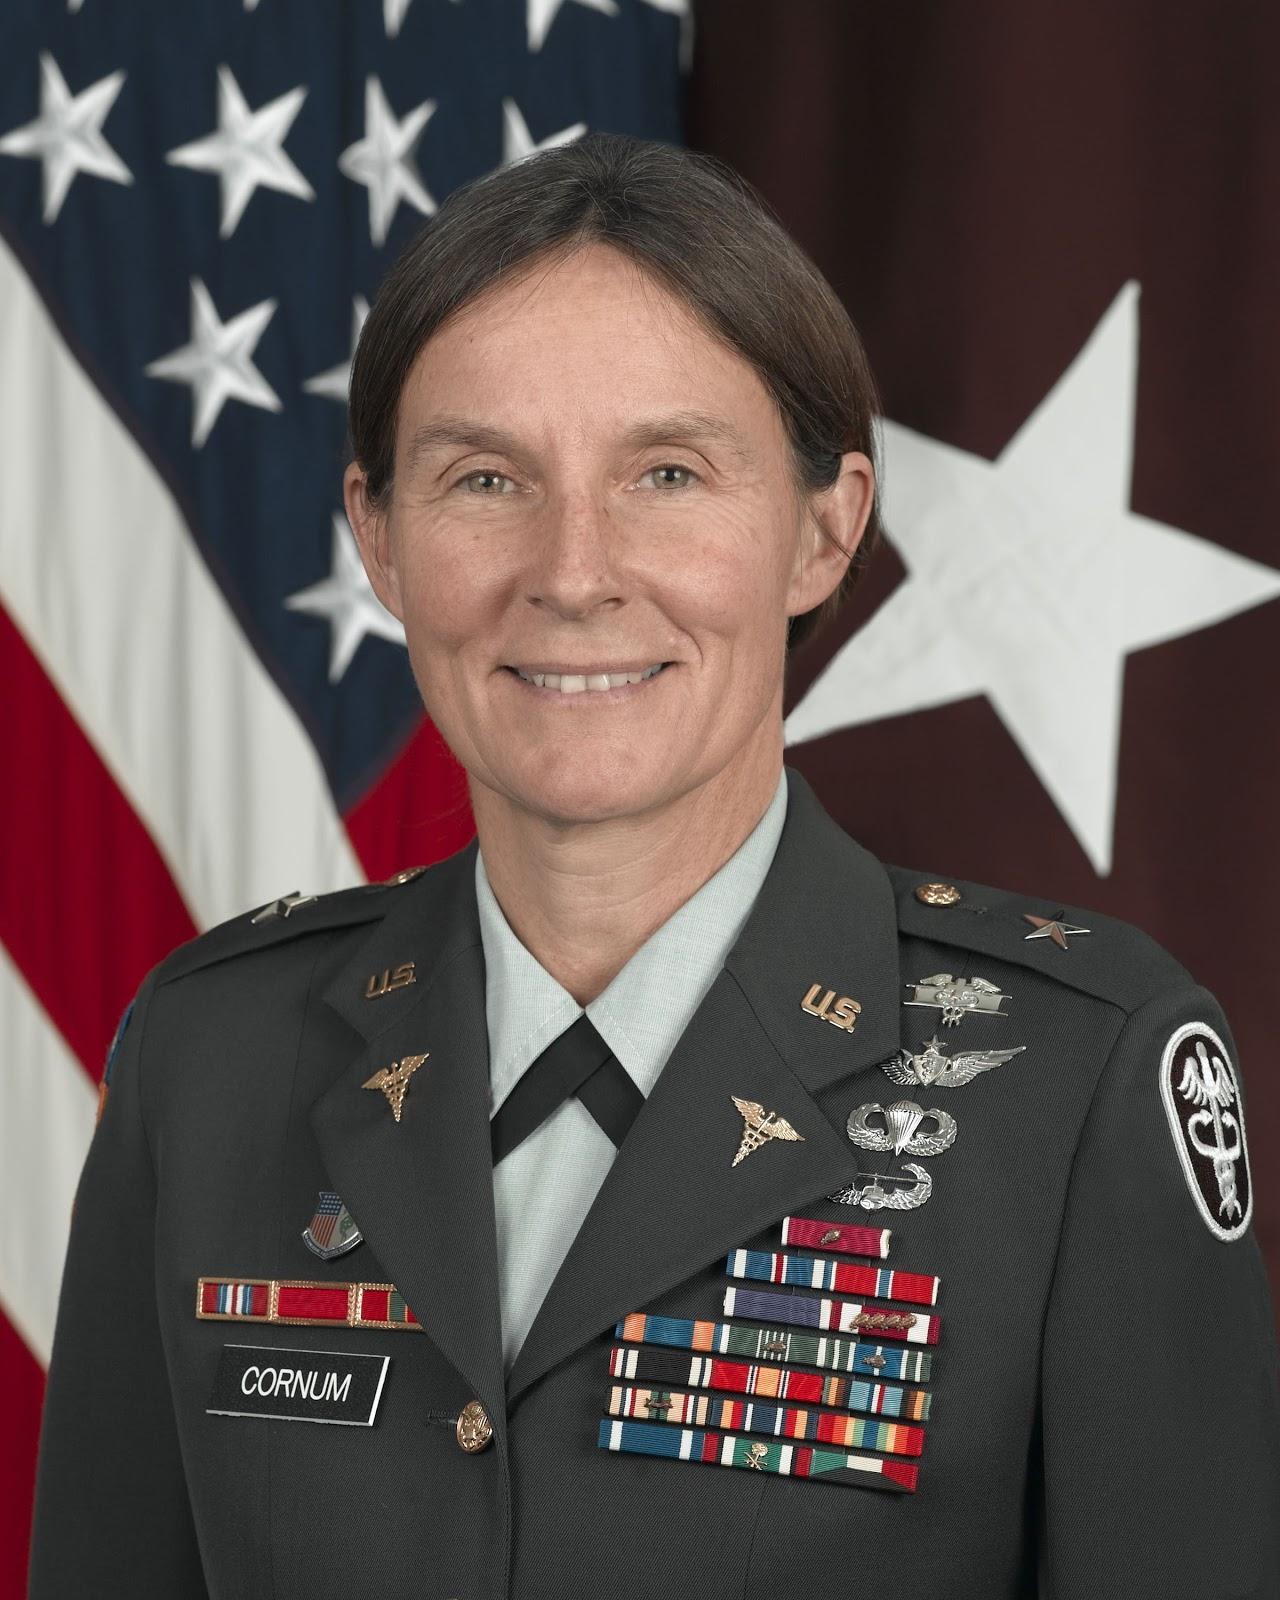 Rhonda Cornum - Wikipedia